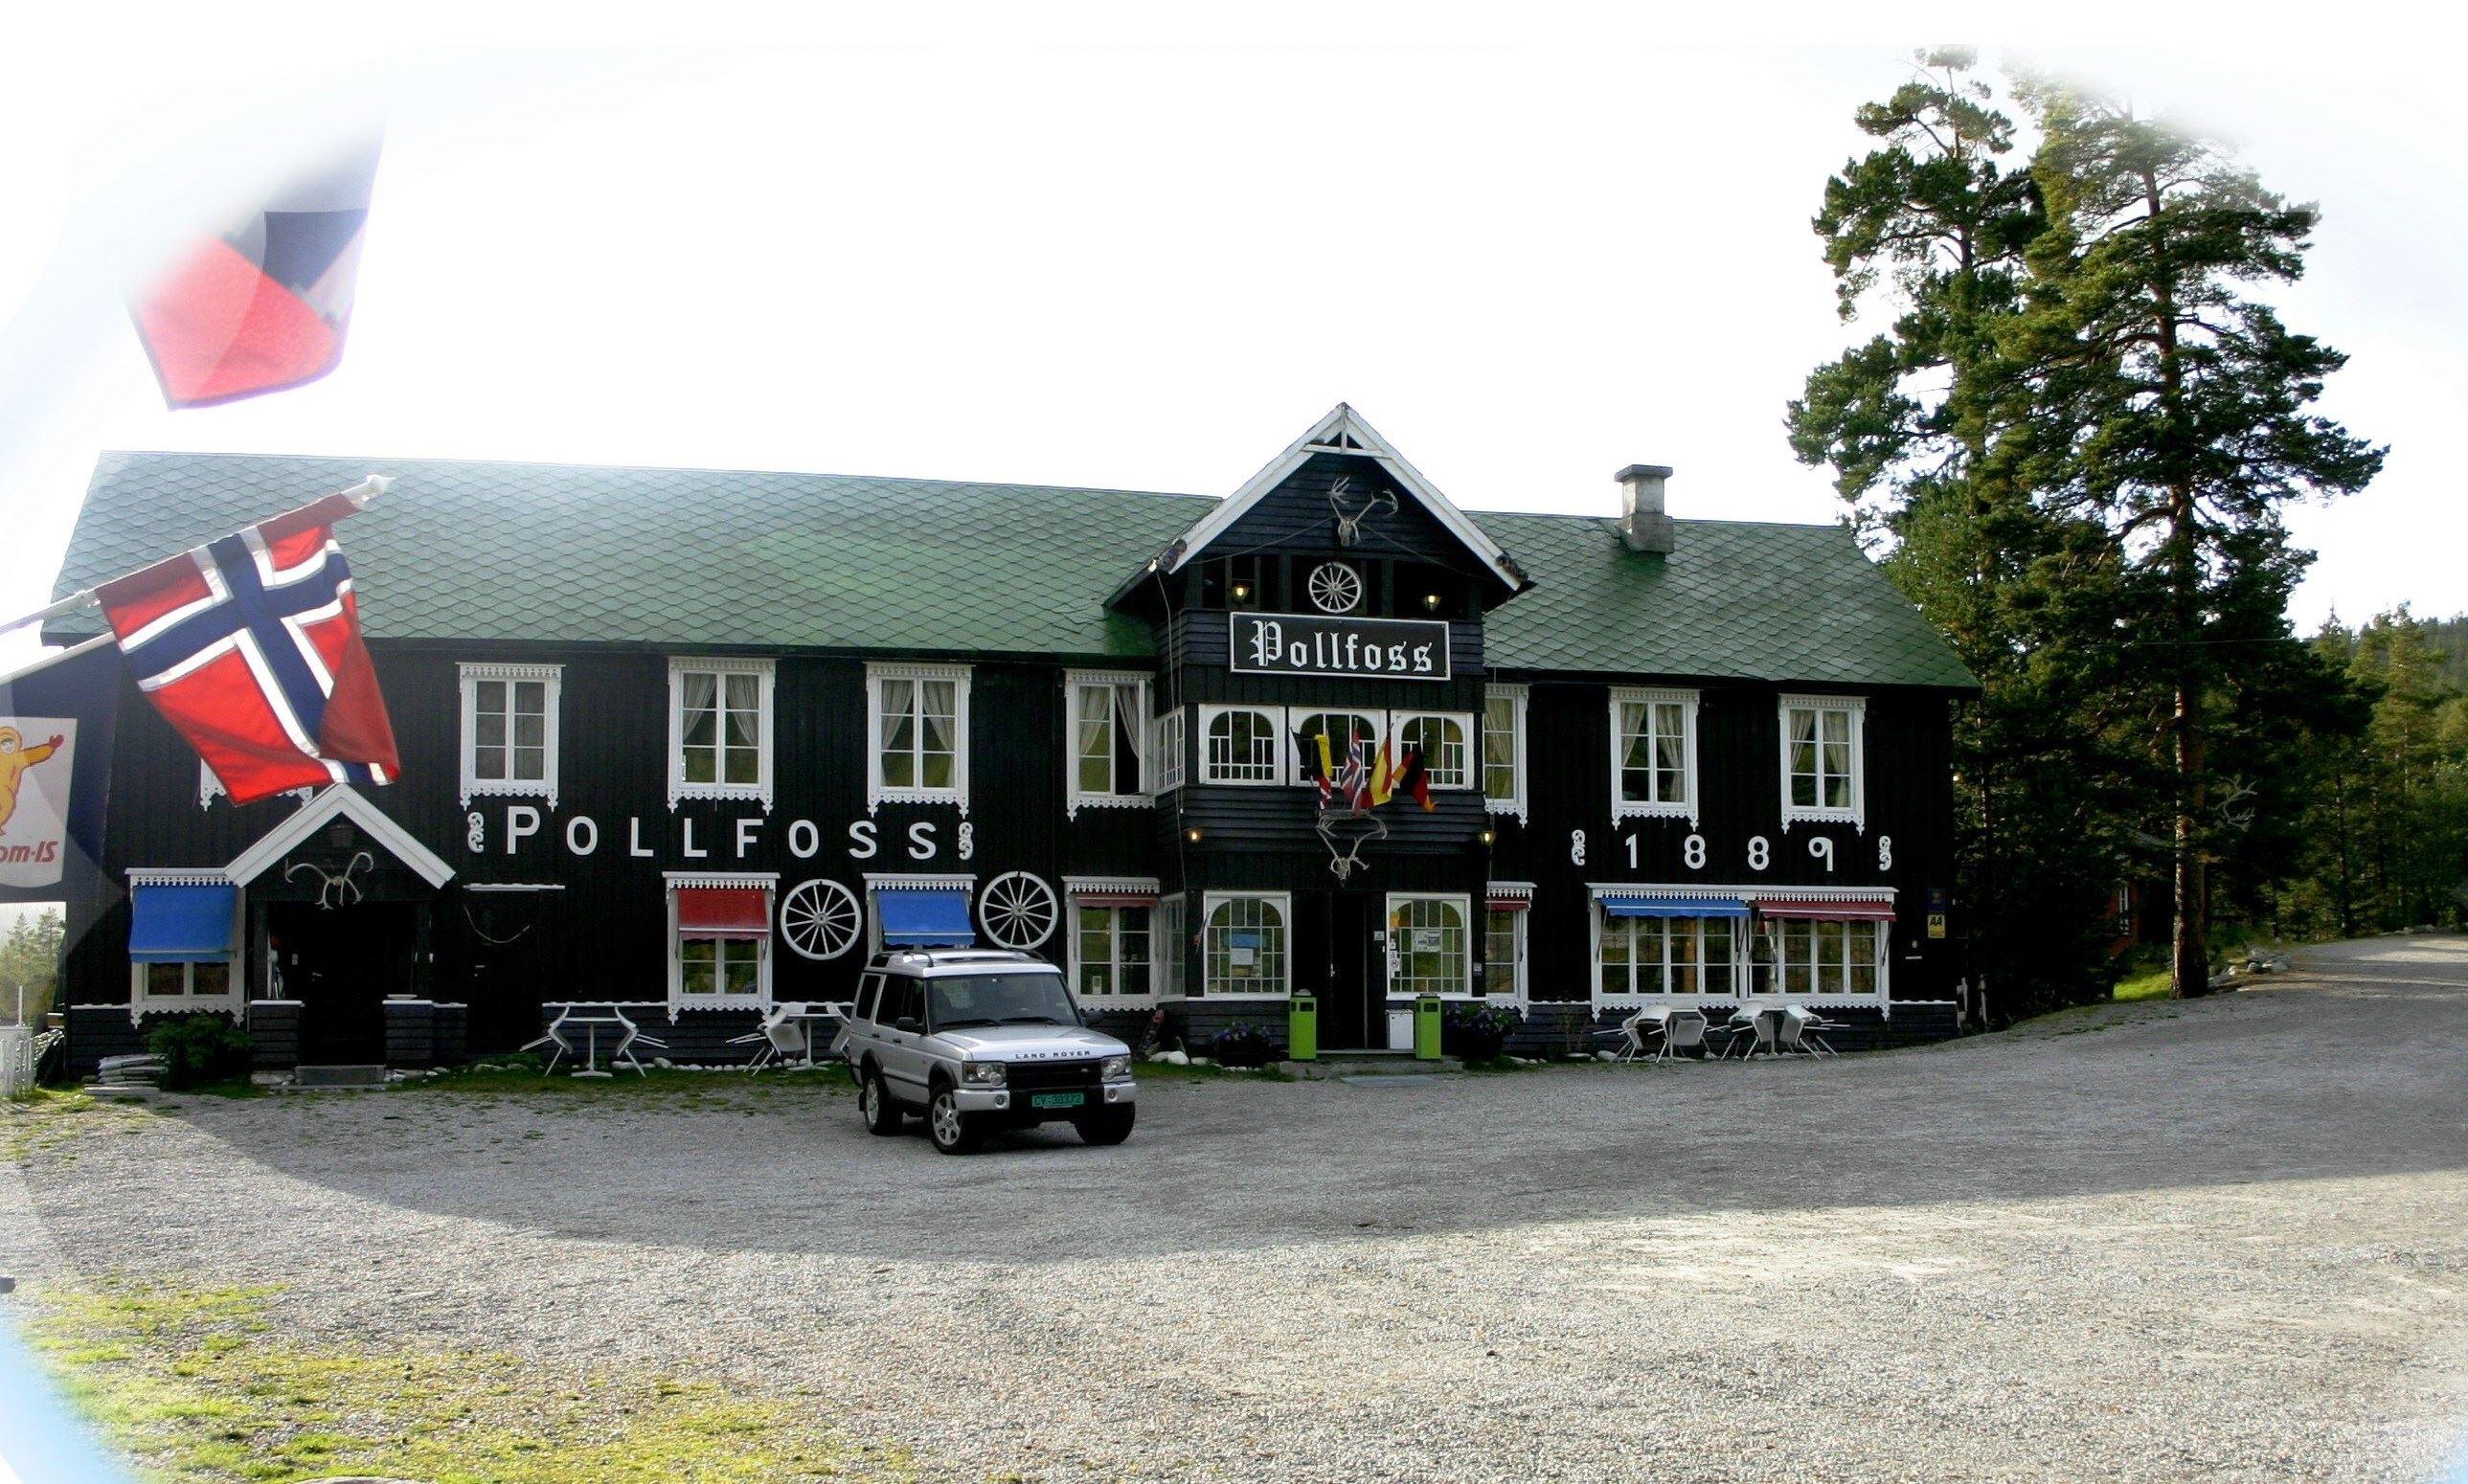 Pollfoss Gjestehus og Hotell